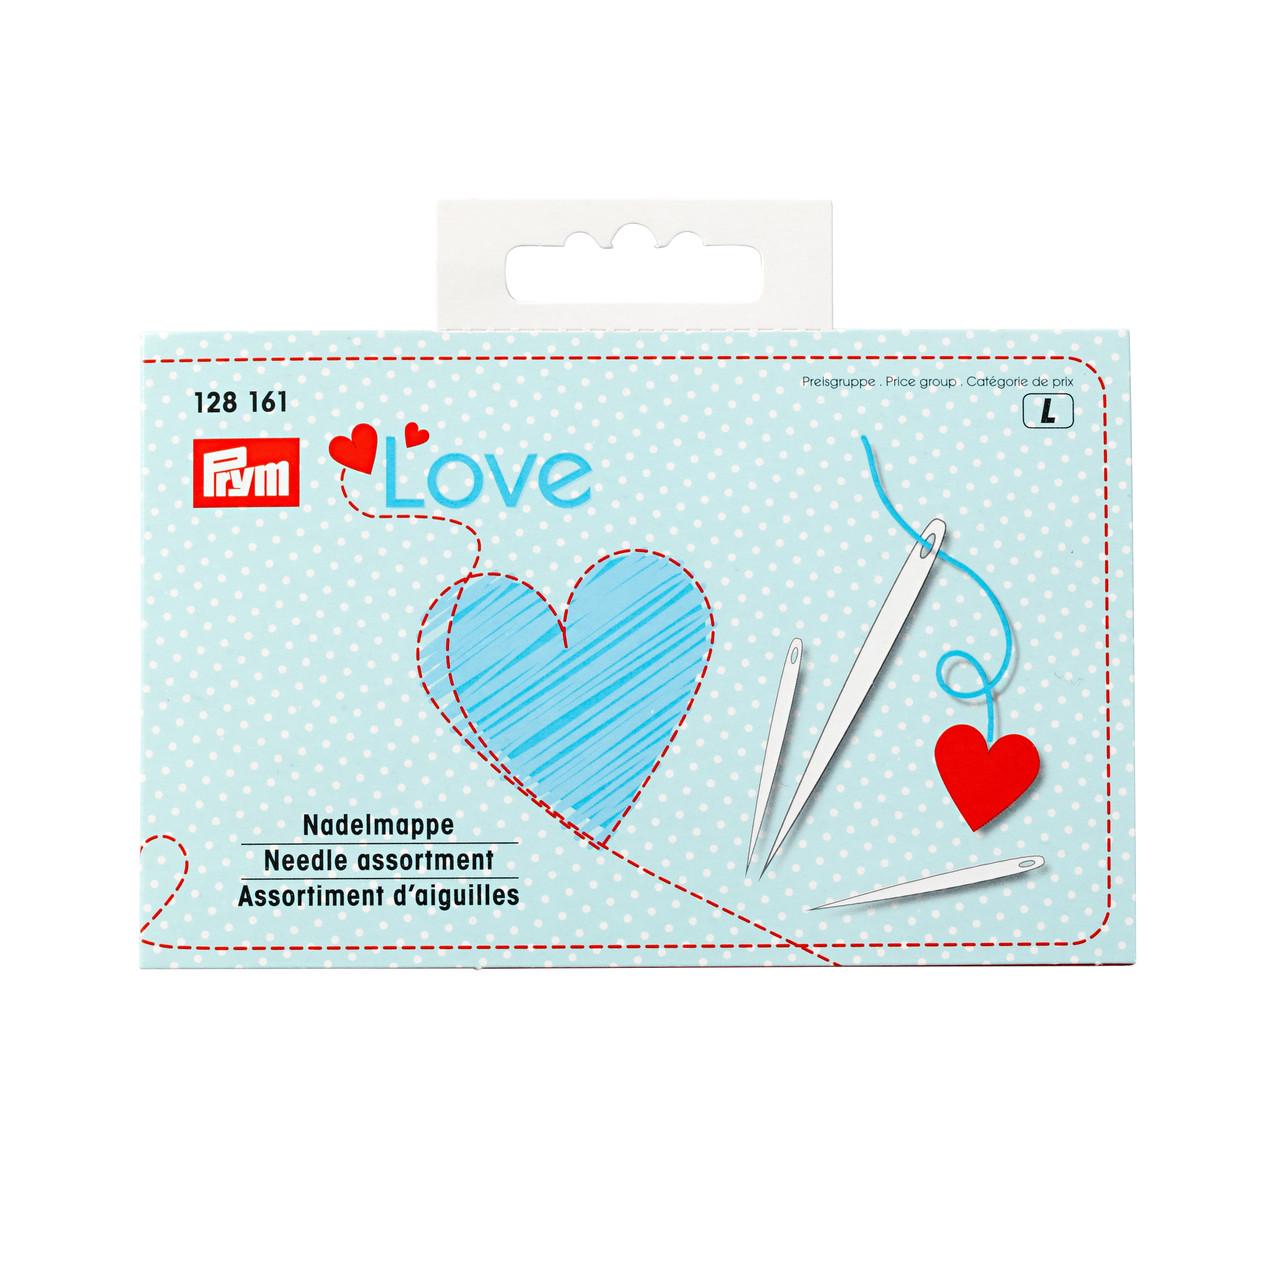 Набор 29 швейных игл и игл для штопки с вдевателем Prym Love 128161